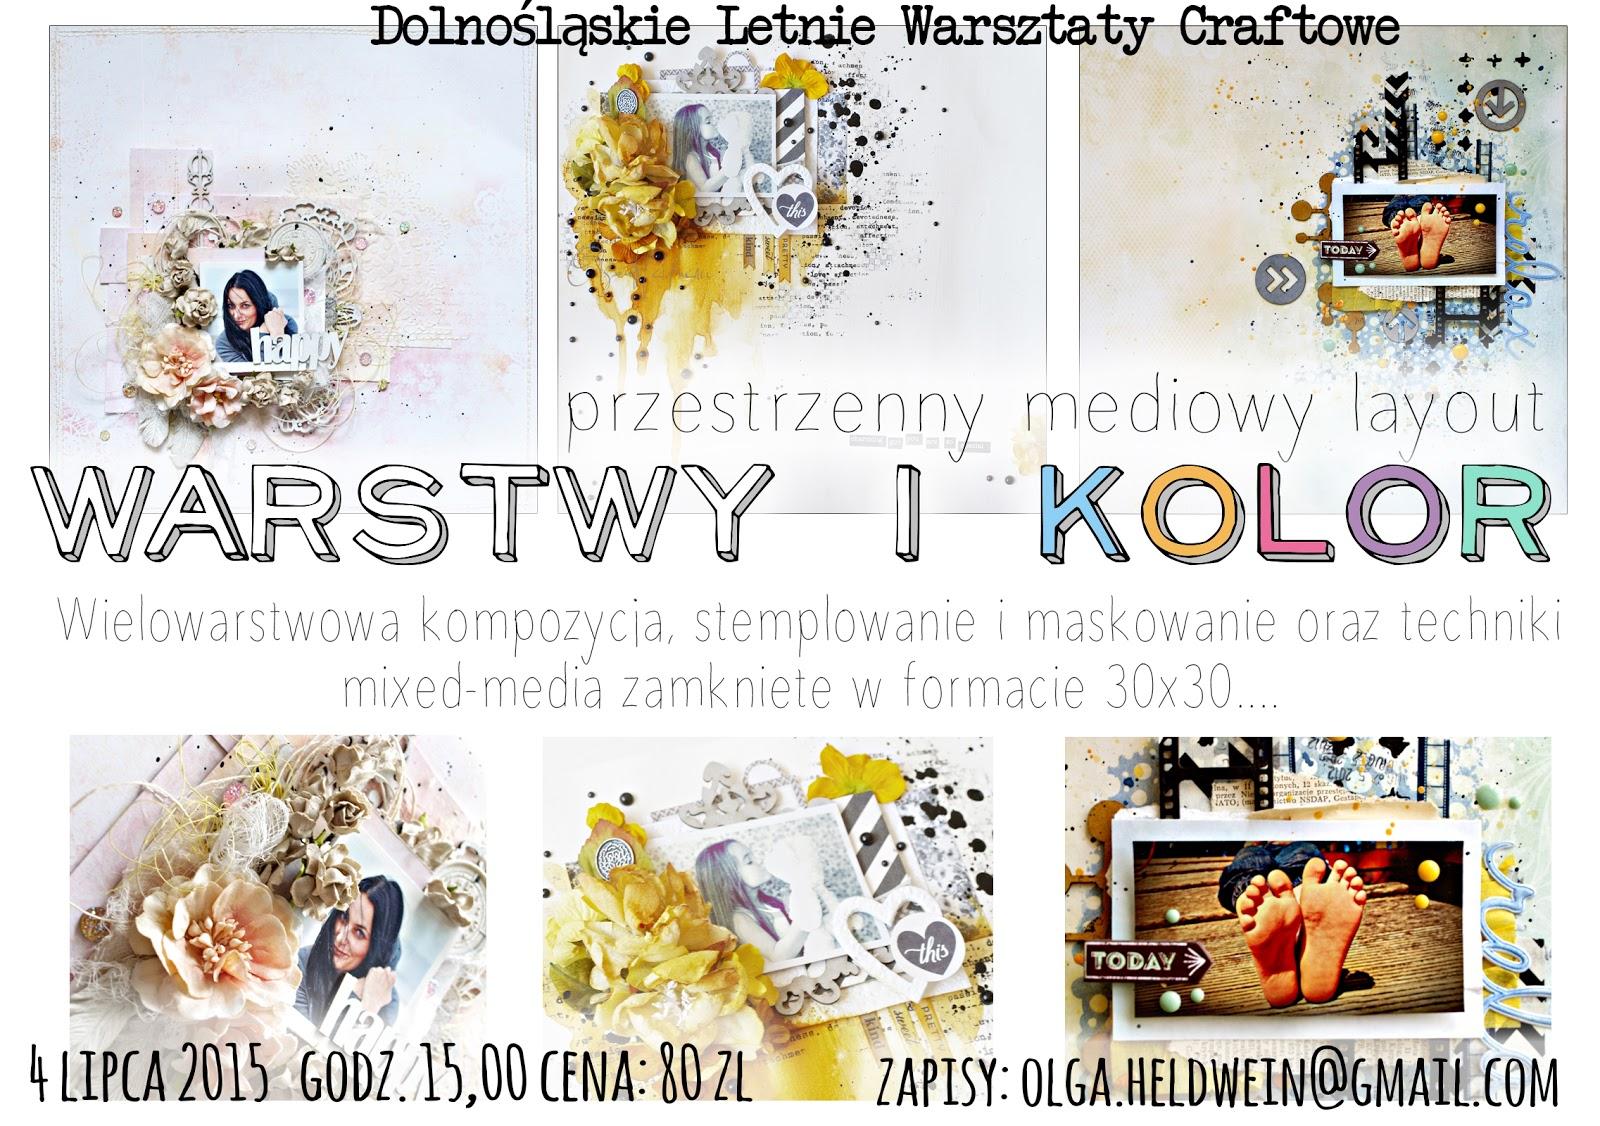 www.kwiatdolnoslaski.pl/p/5-dlwc-sobota.html